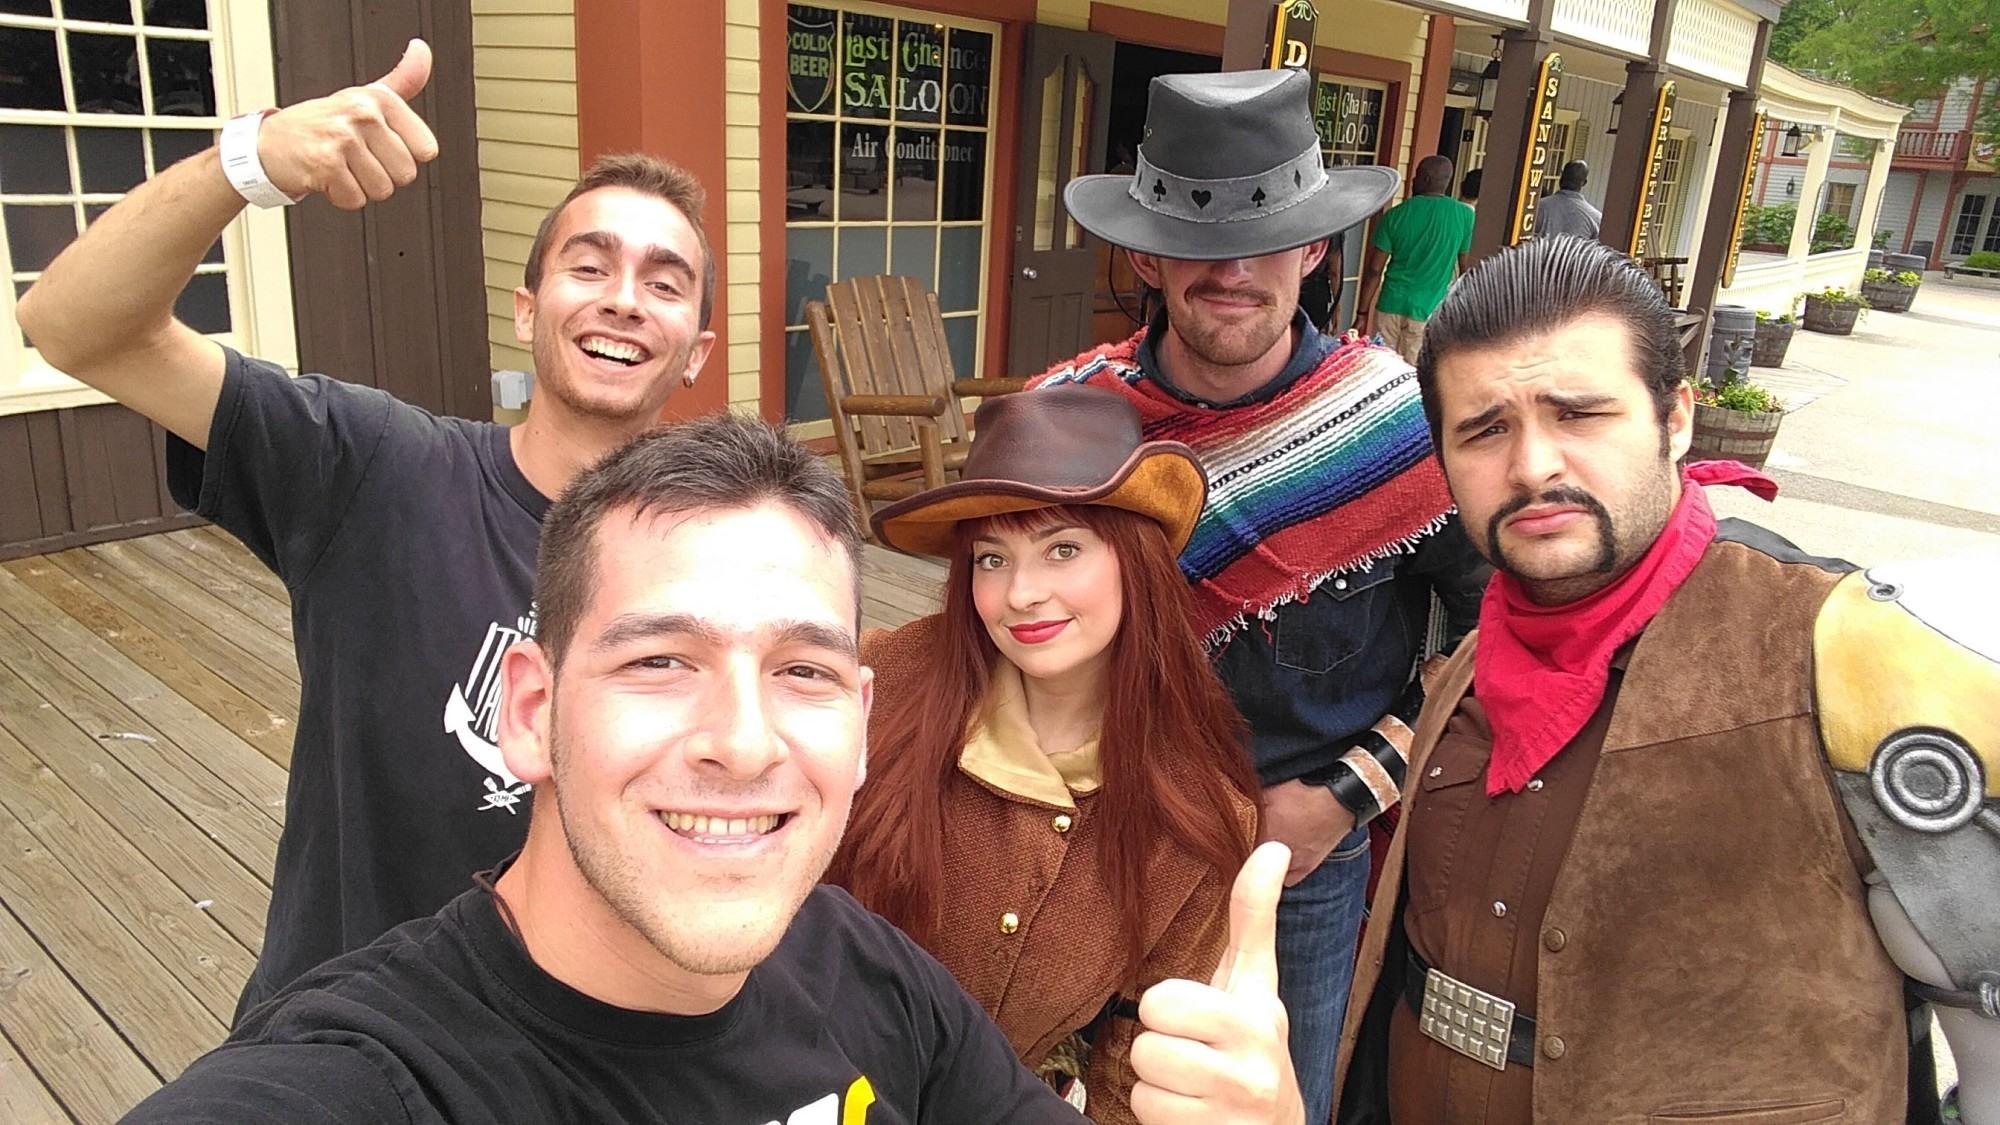 Selfie con Chess, Blackjack y Digger     @furius_boy